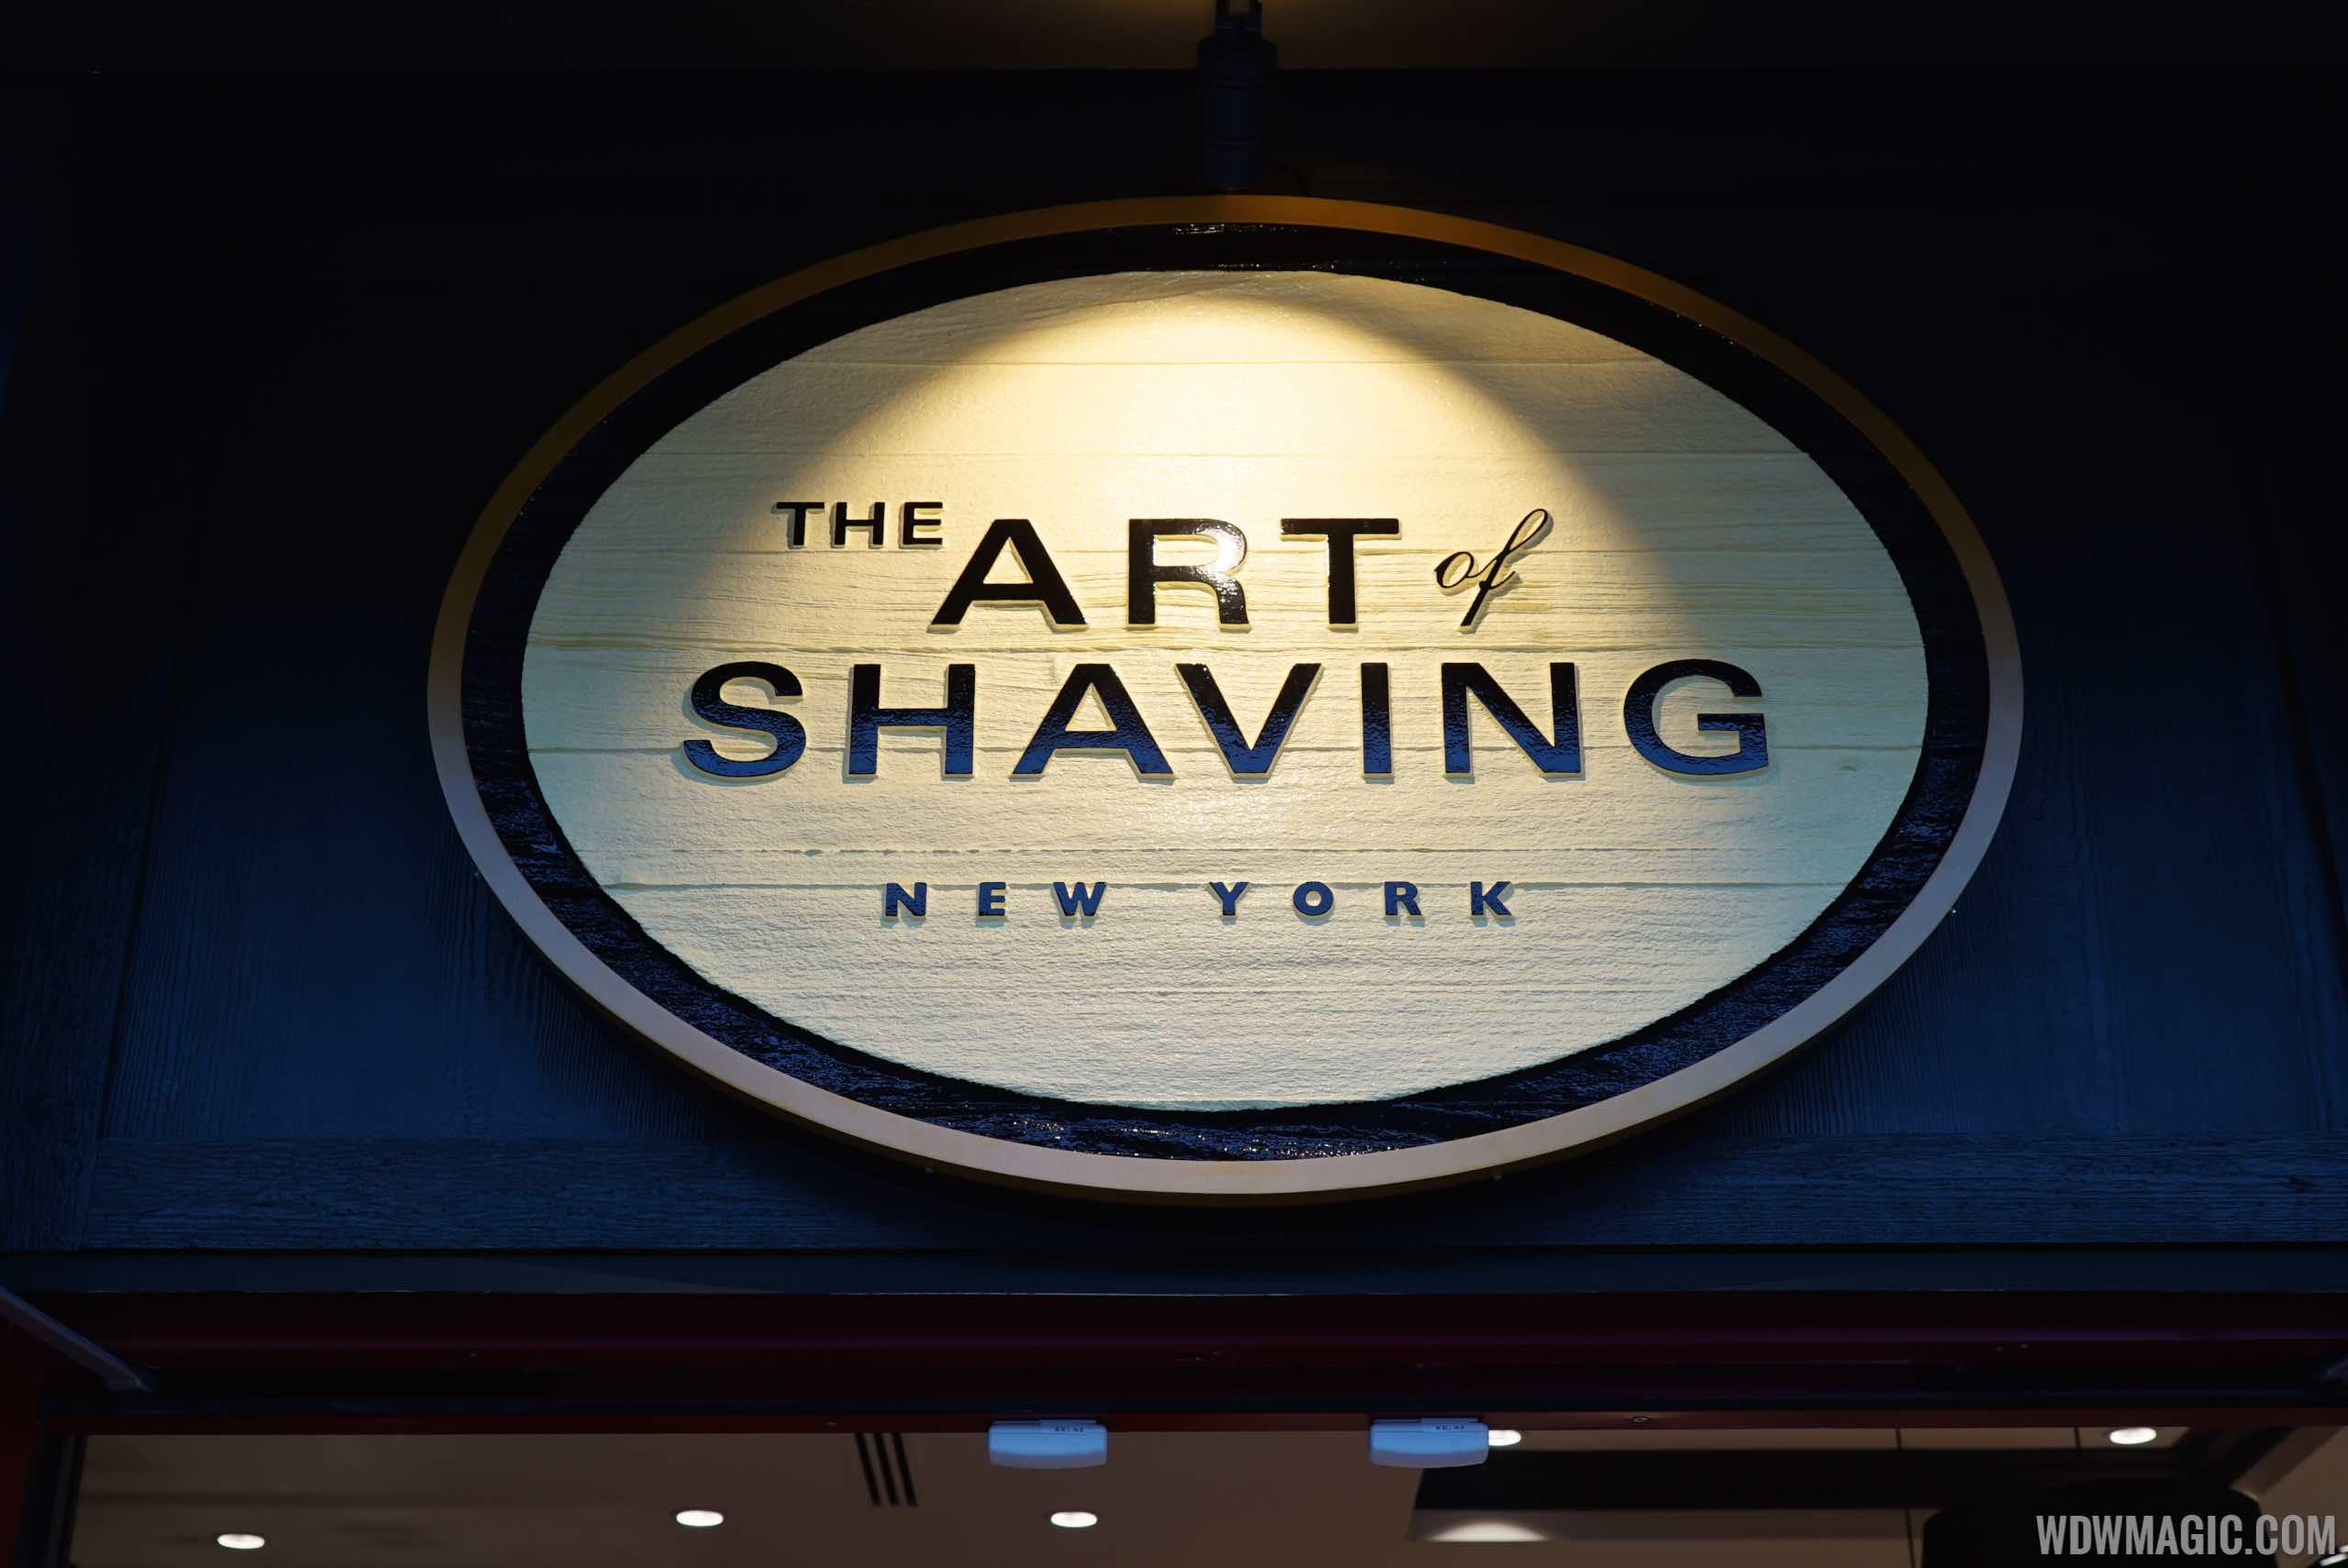 Art of Shaving - Signage